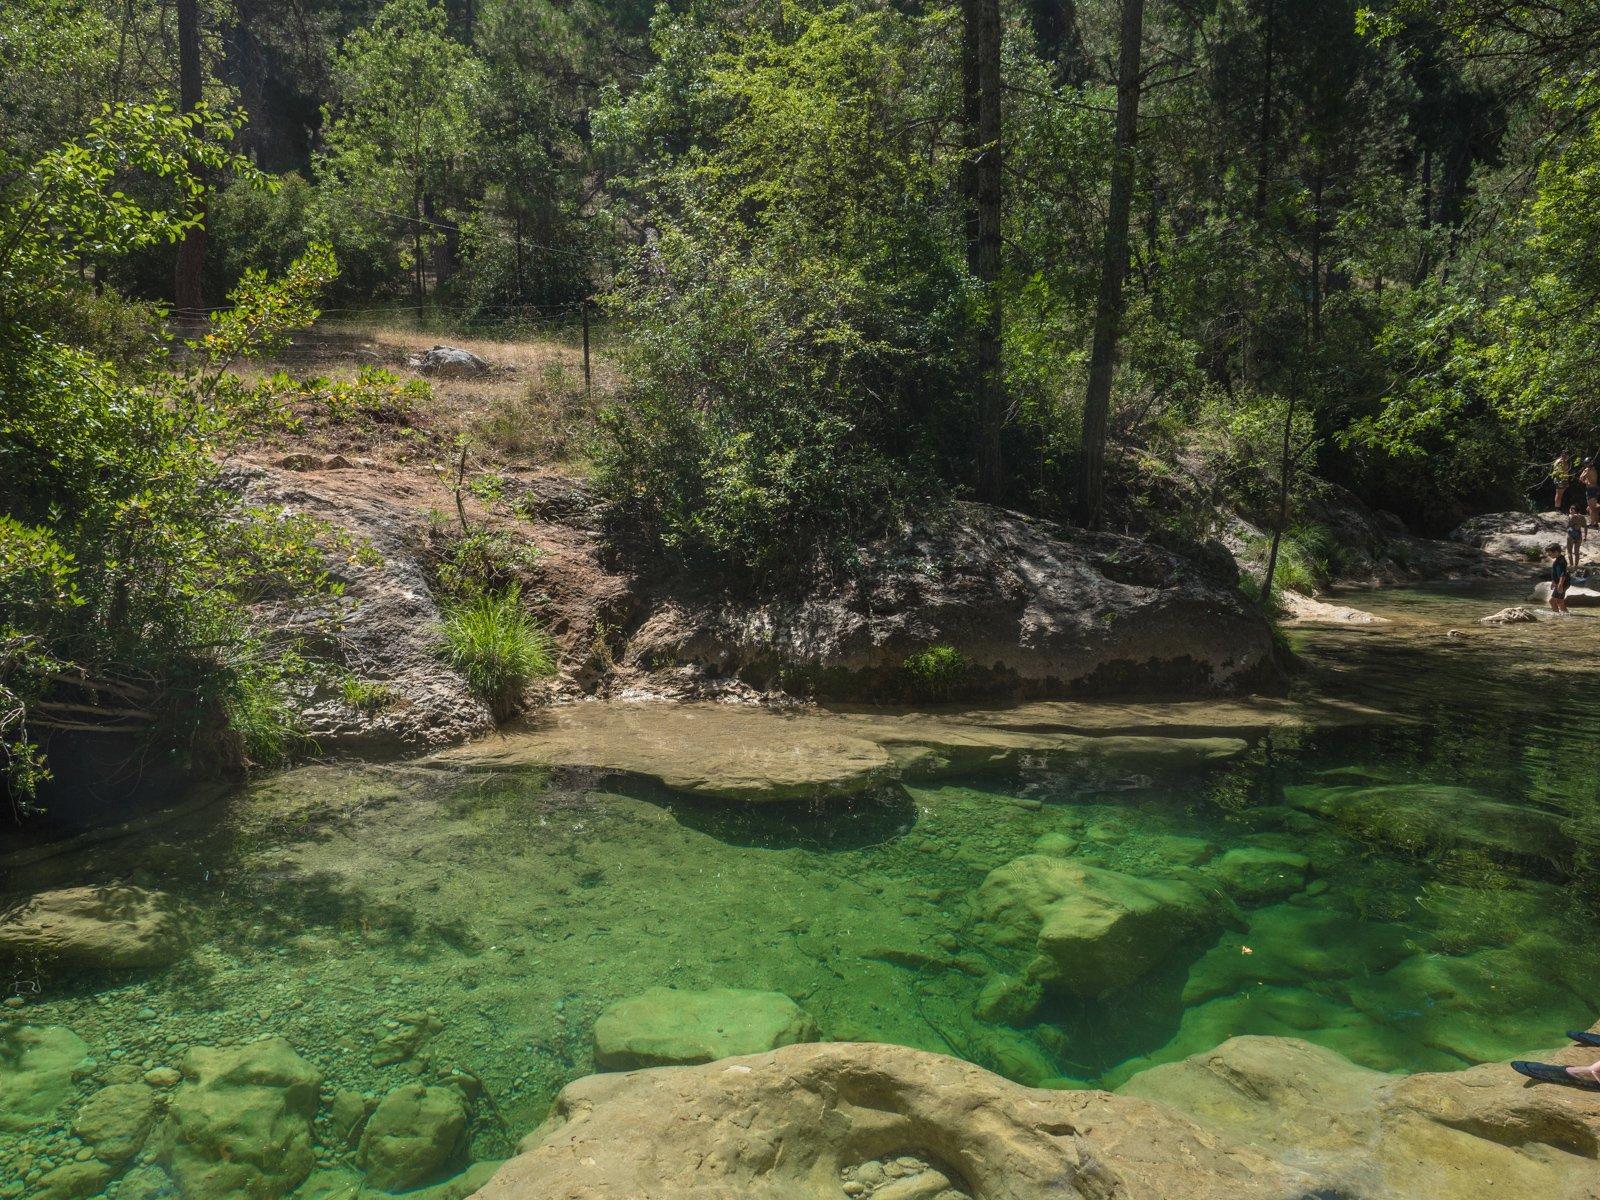 Piscinas naturales en Cazorla